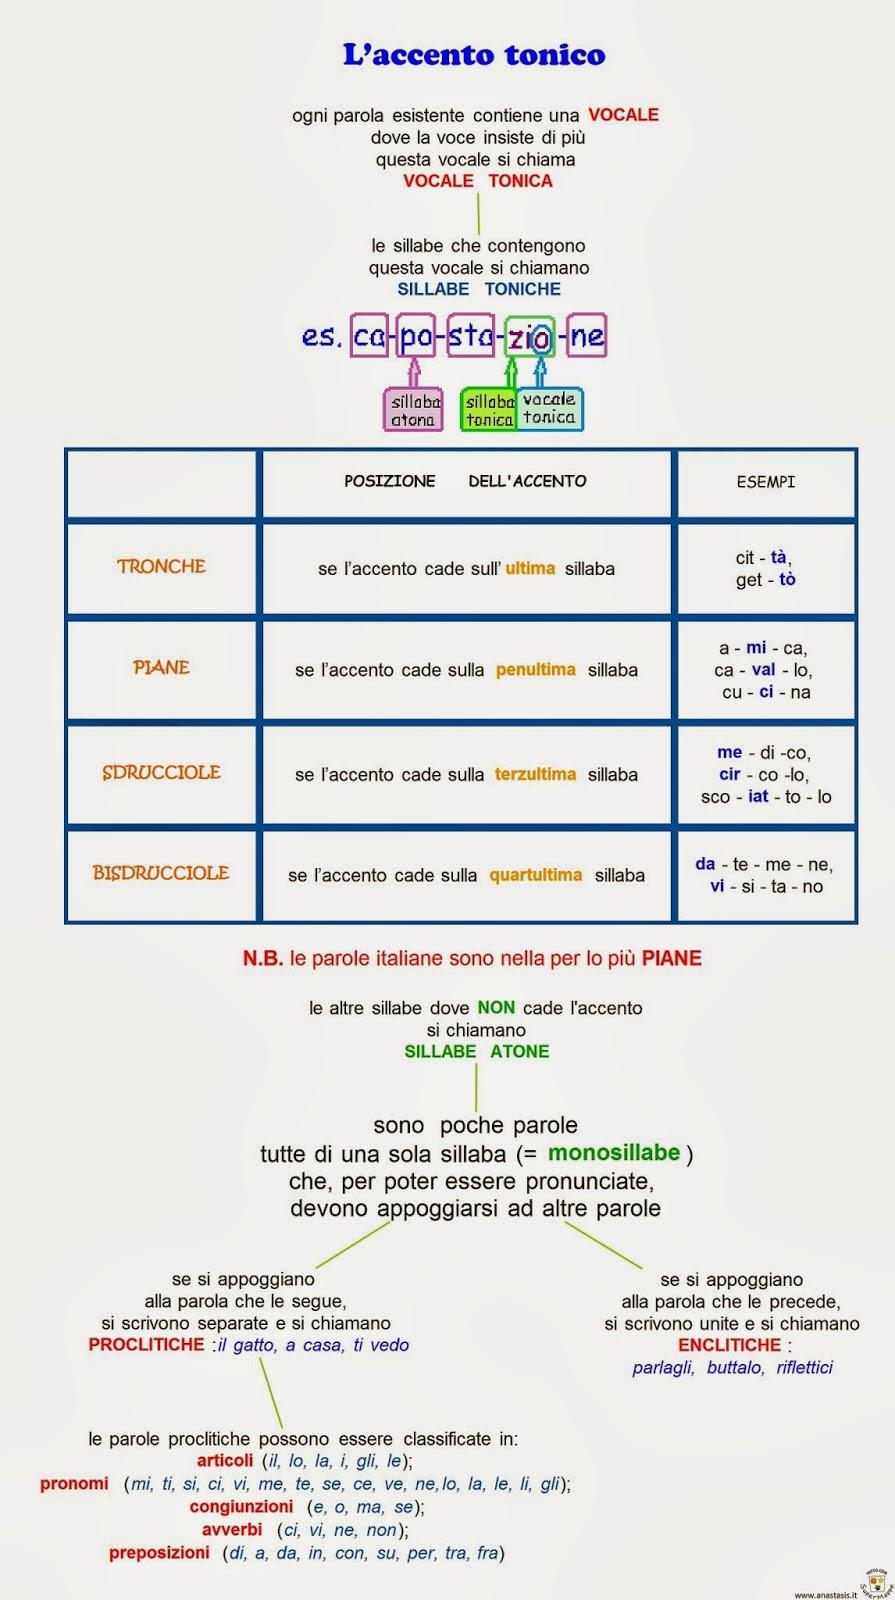 Paradiso delle mappe settembre 2013 for Accenti francesi